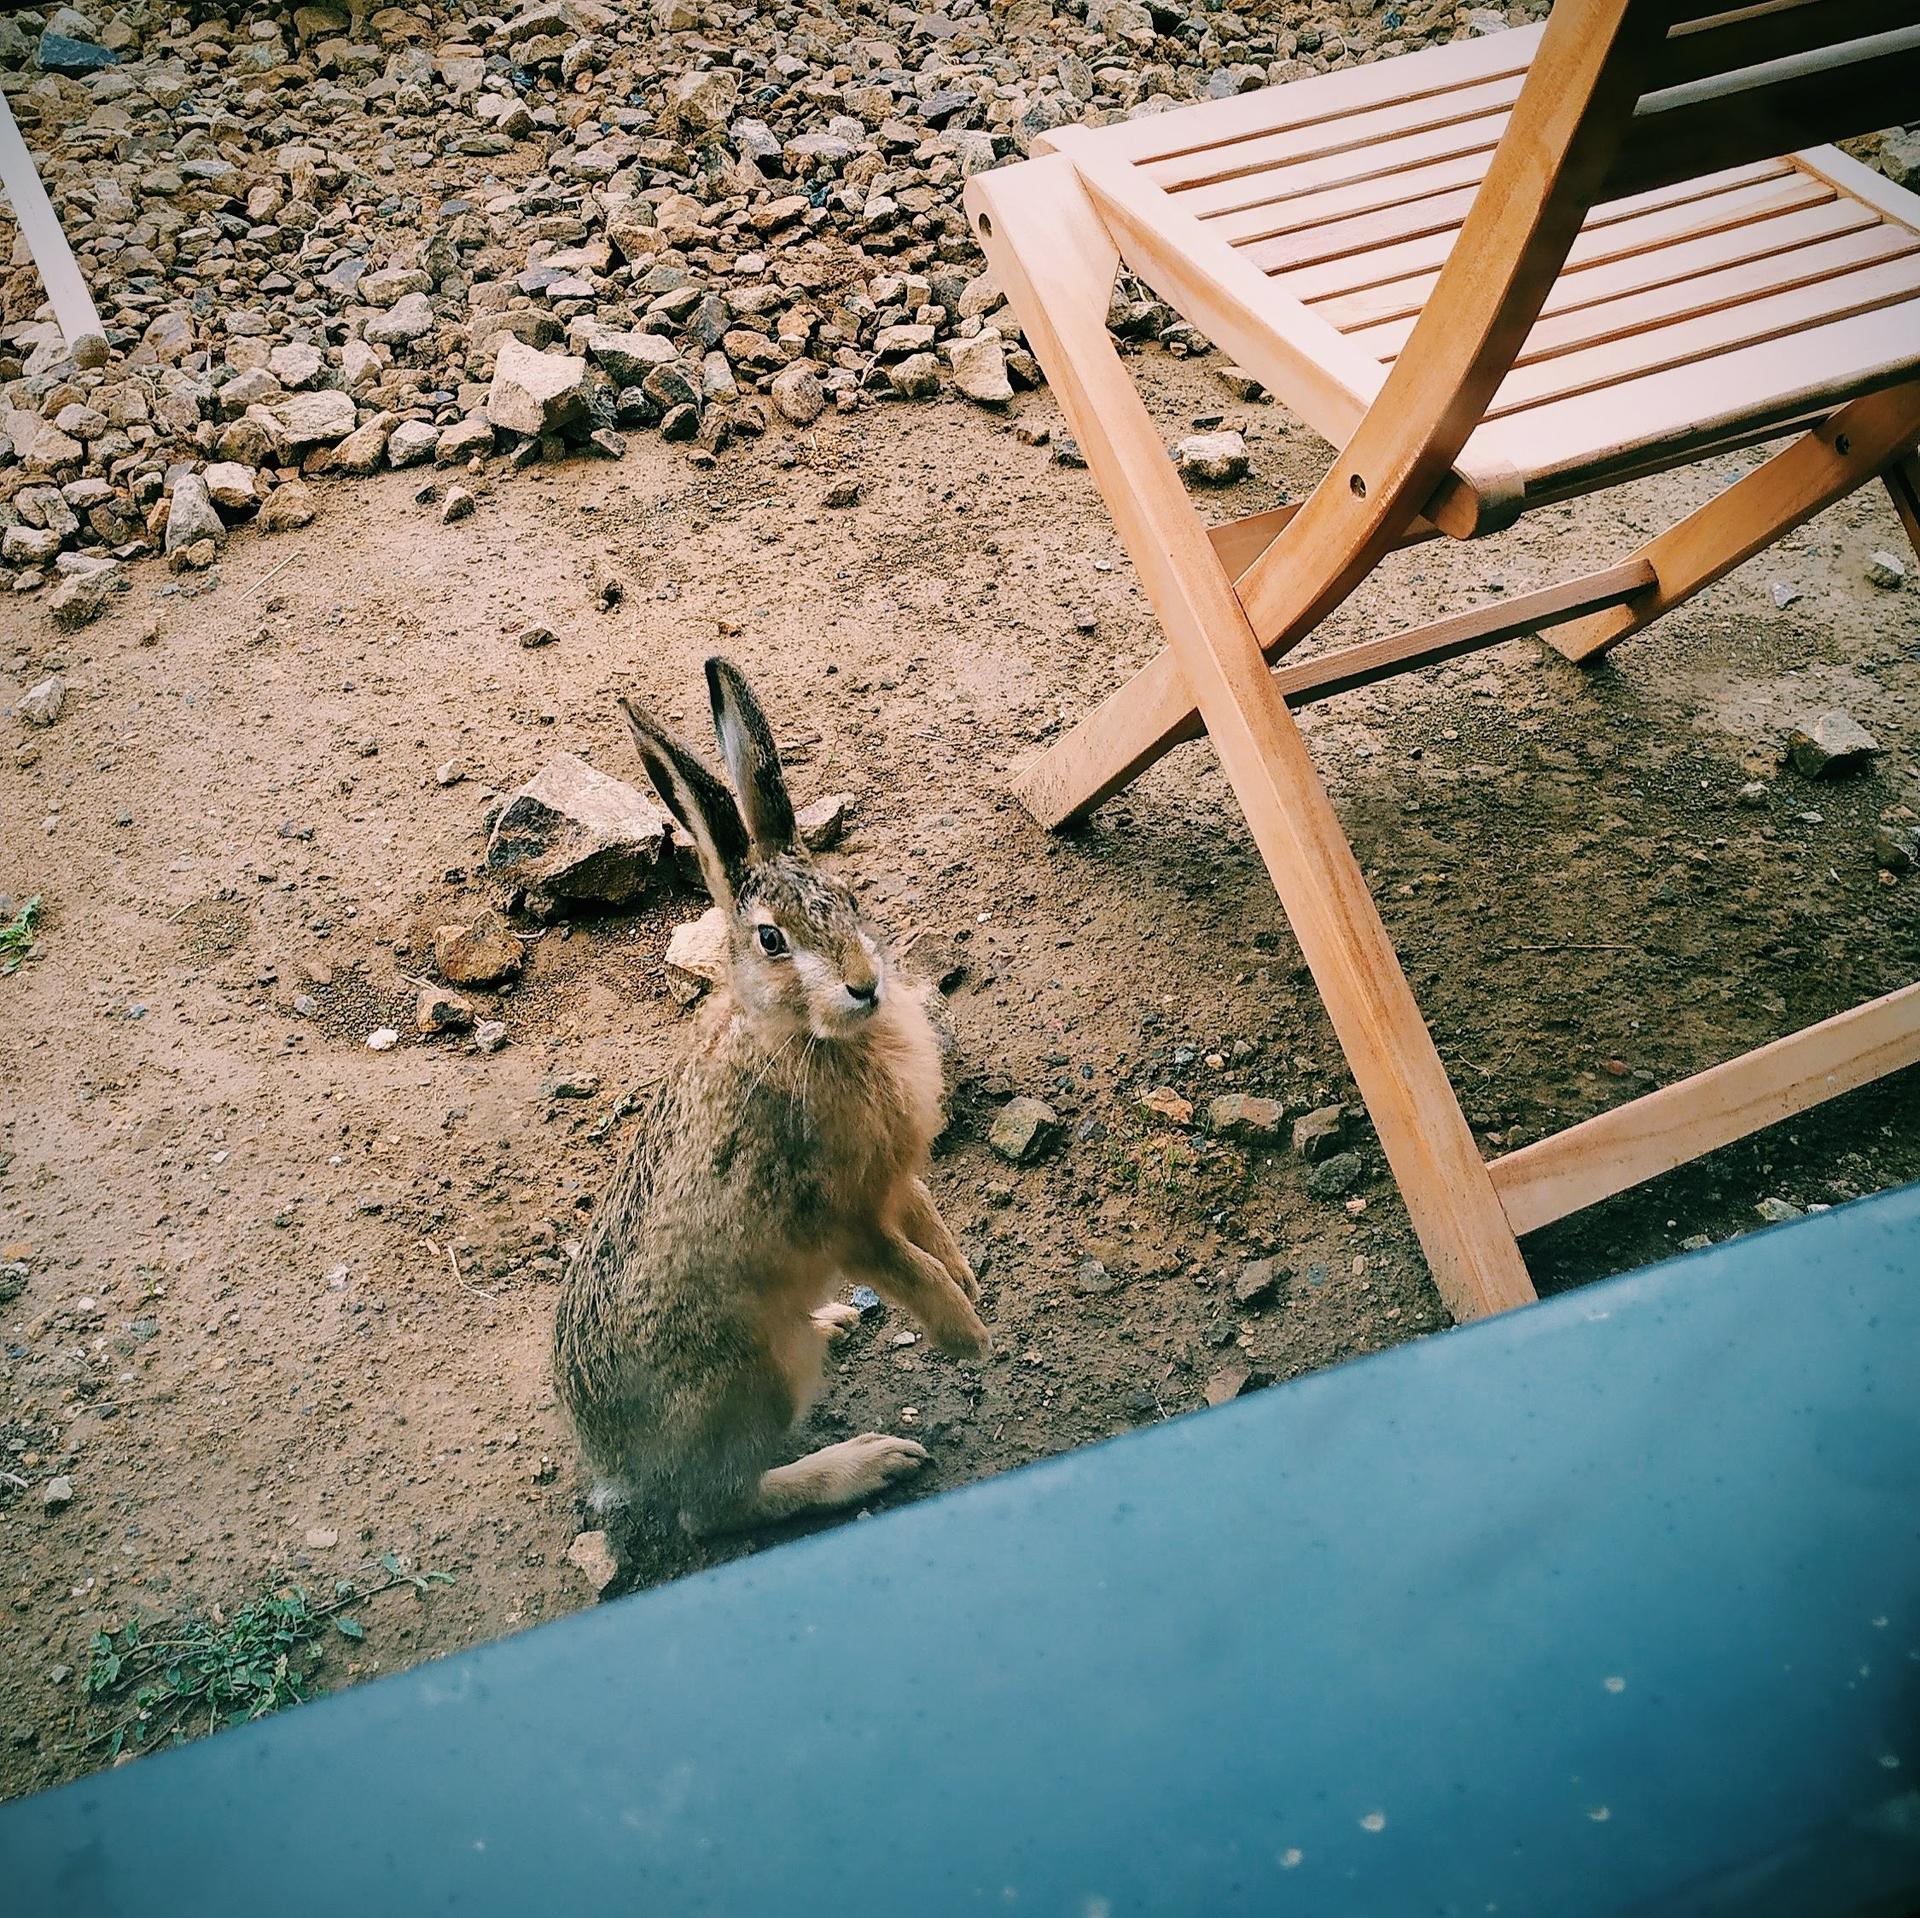 Náš domov ve svahu - Zajíc z lesa nás chodí téměř denně navštěvovat na zahradu